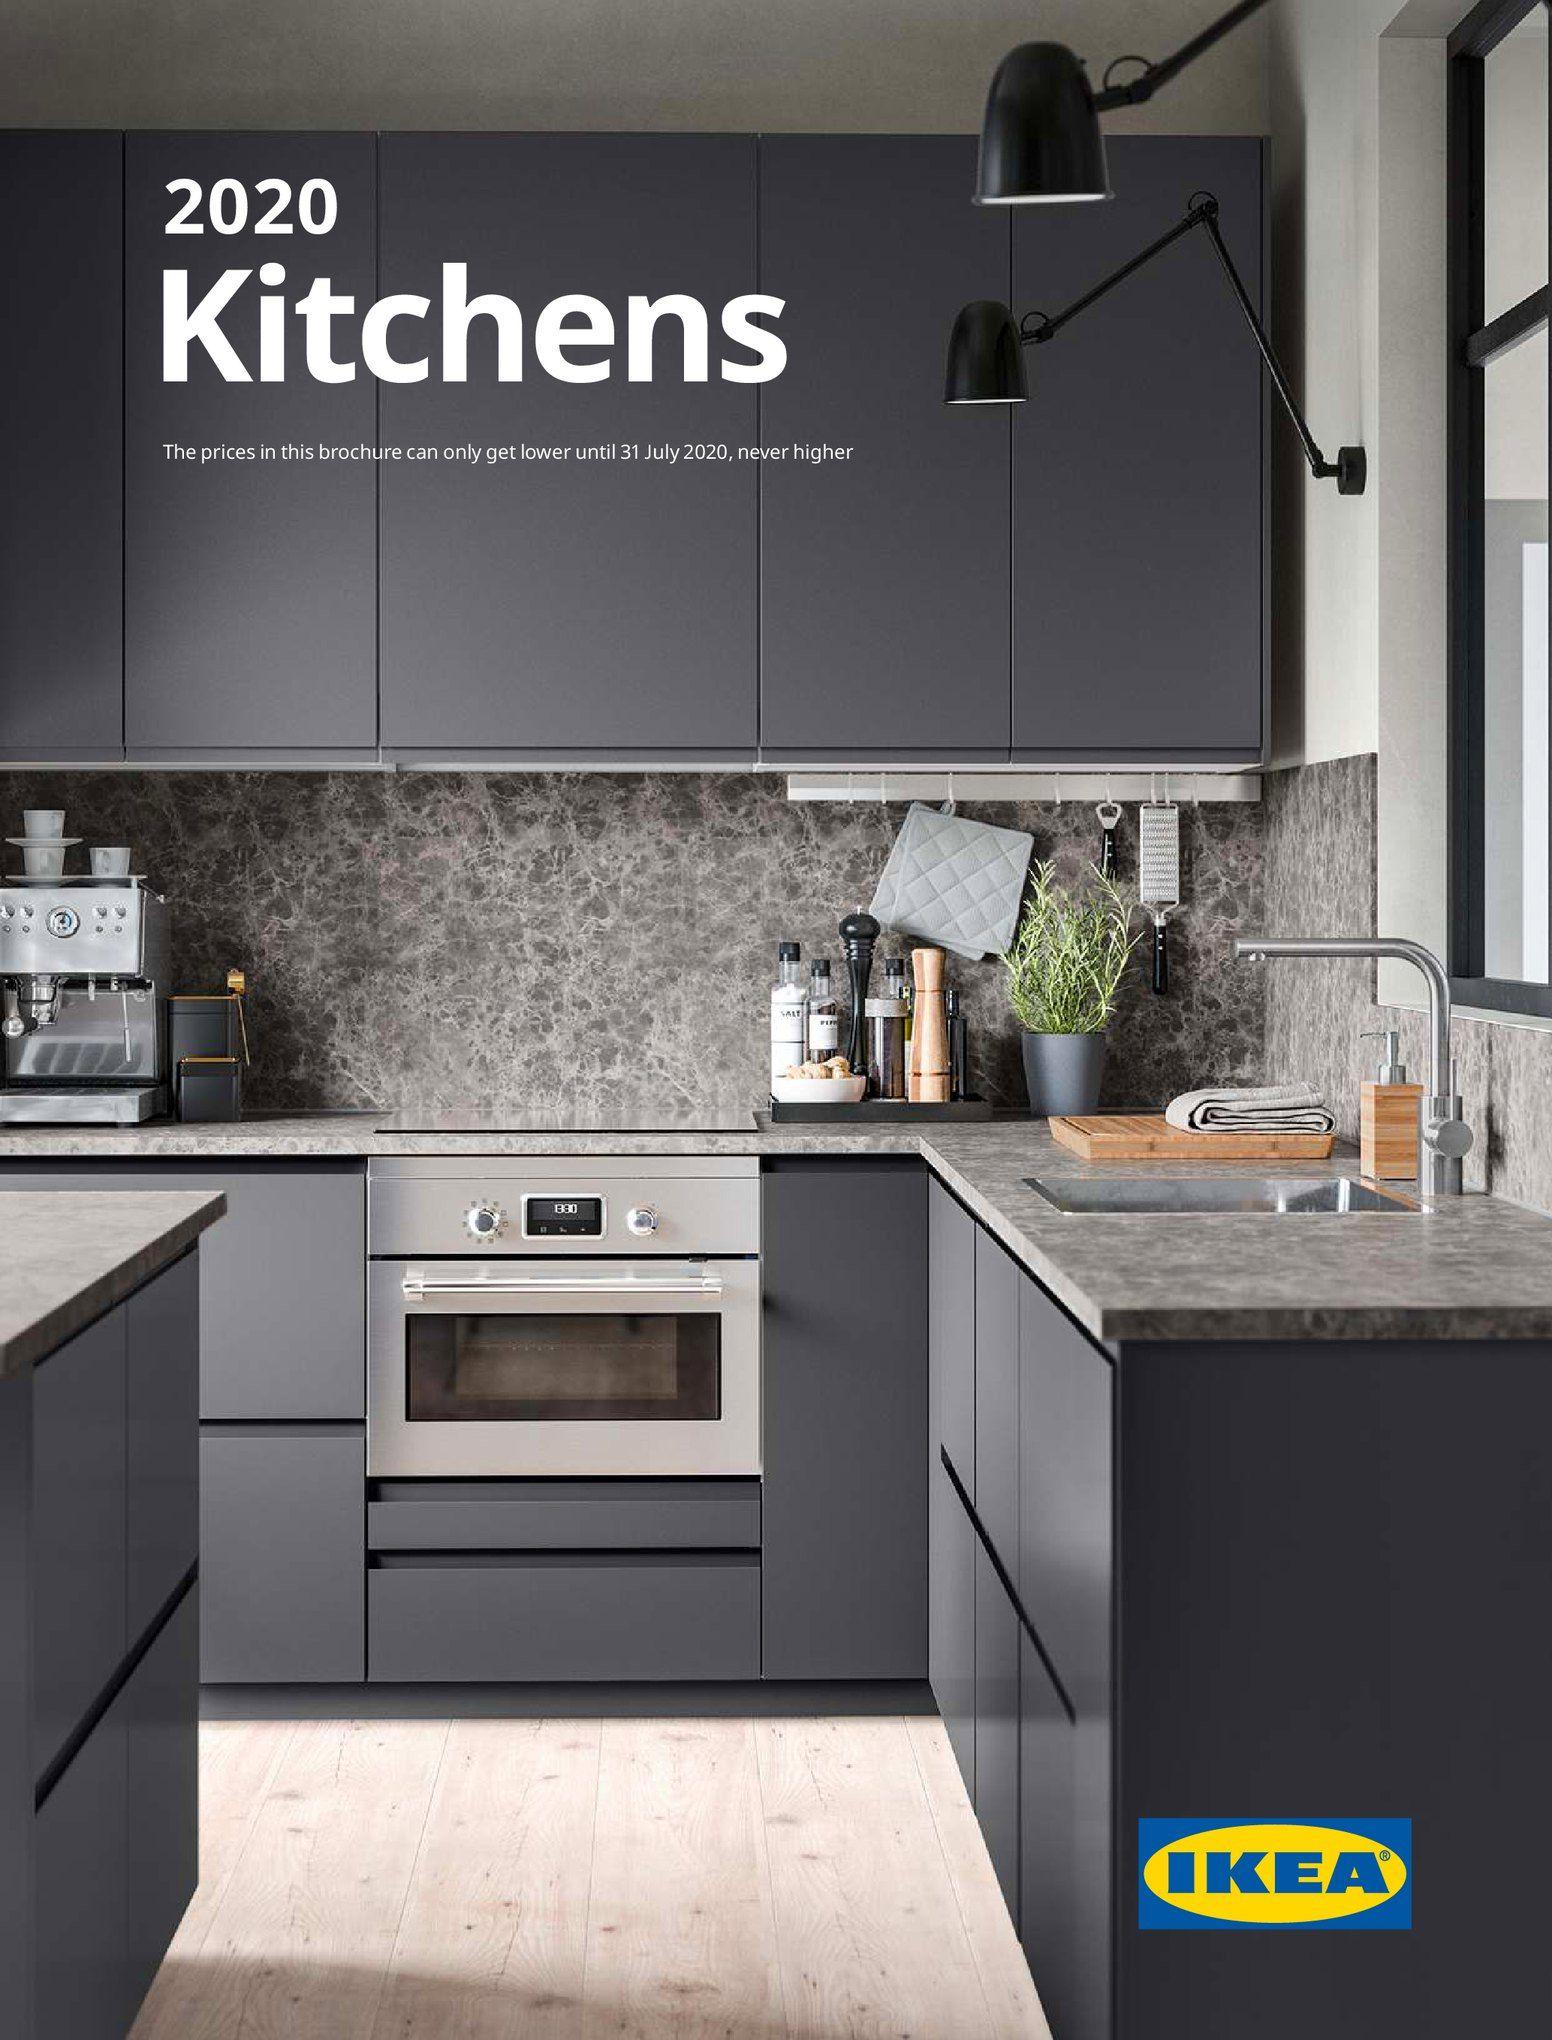 Ikea Kitchen Catalogue 2020 Ikea Kitchen Catalogue Kitchen Inspiration Design Modern Kitchen Cabinet Design